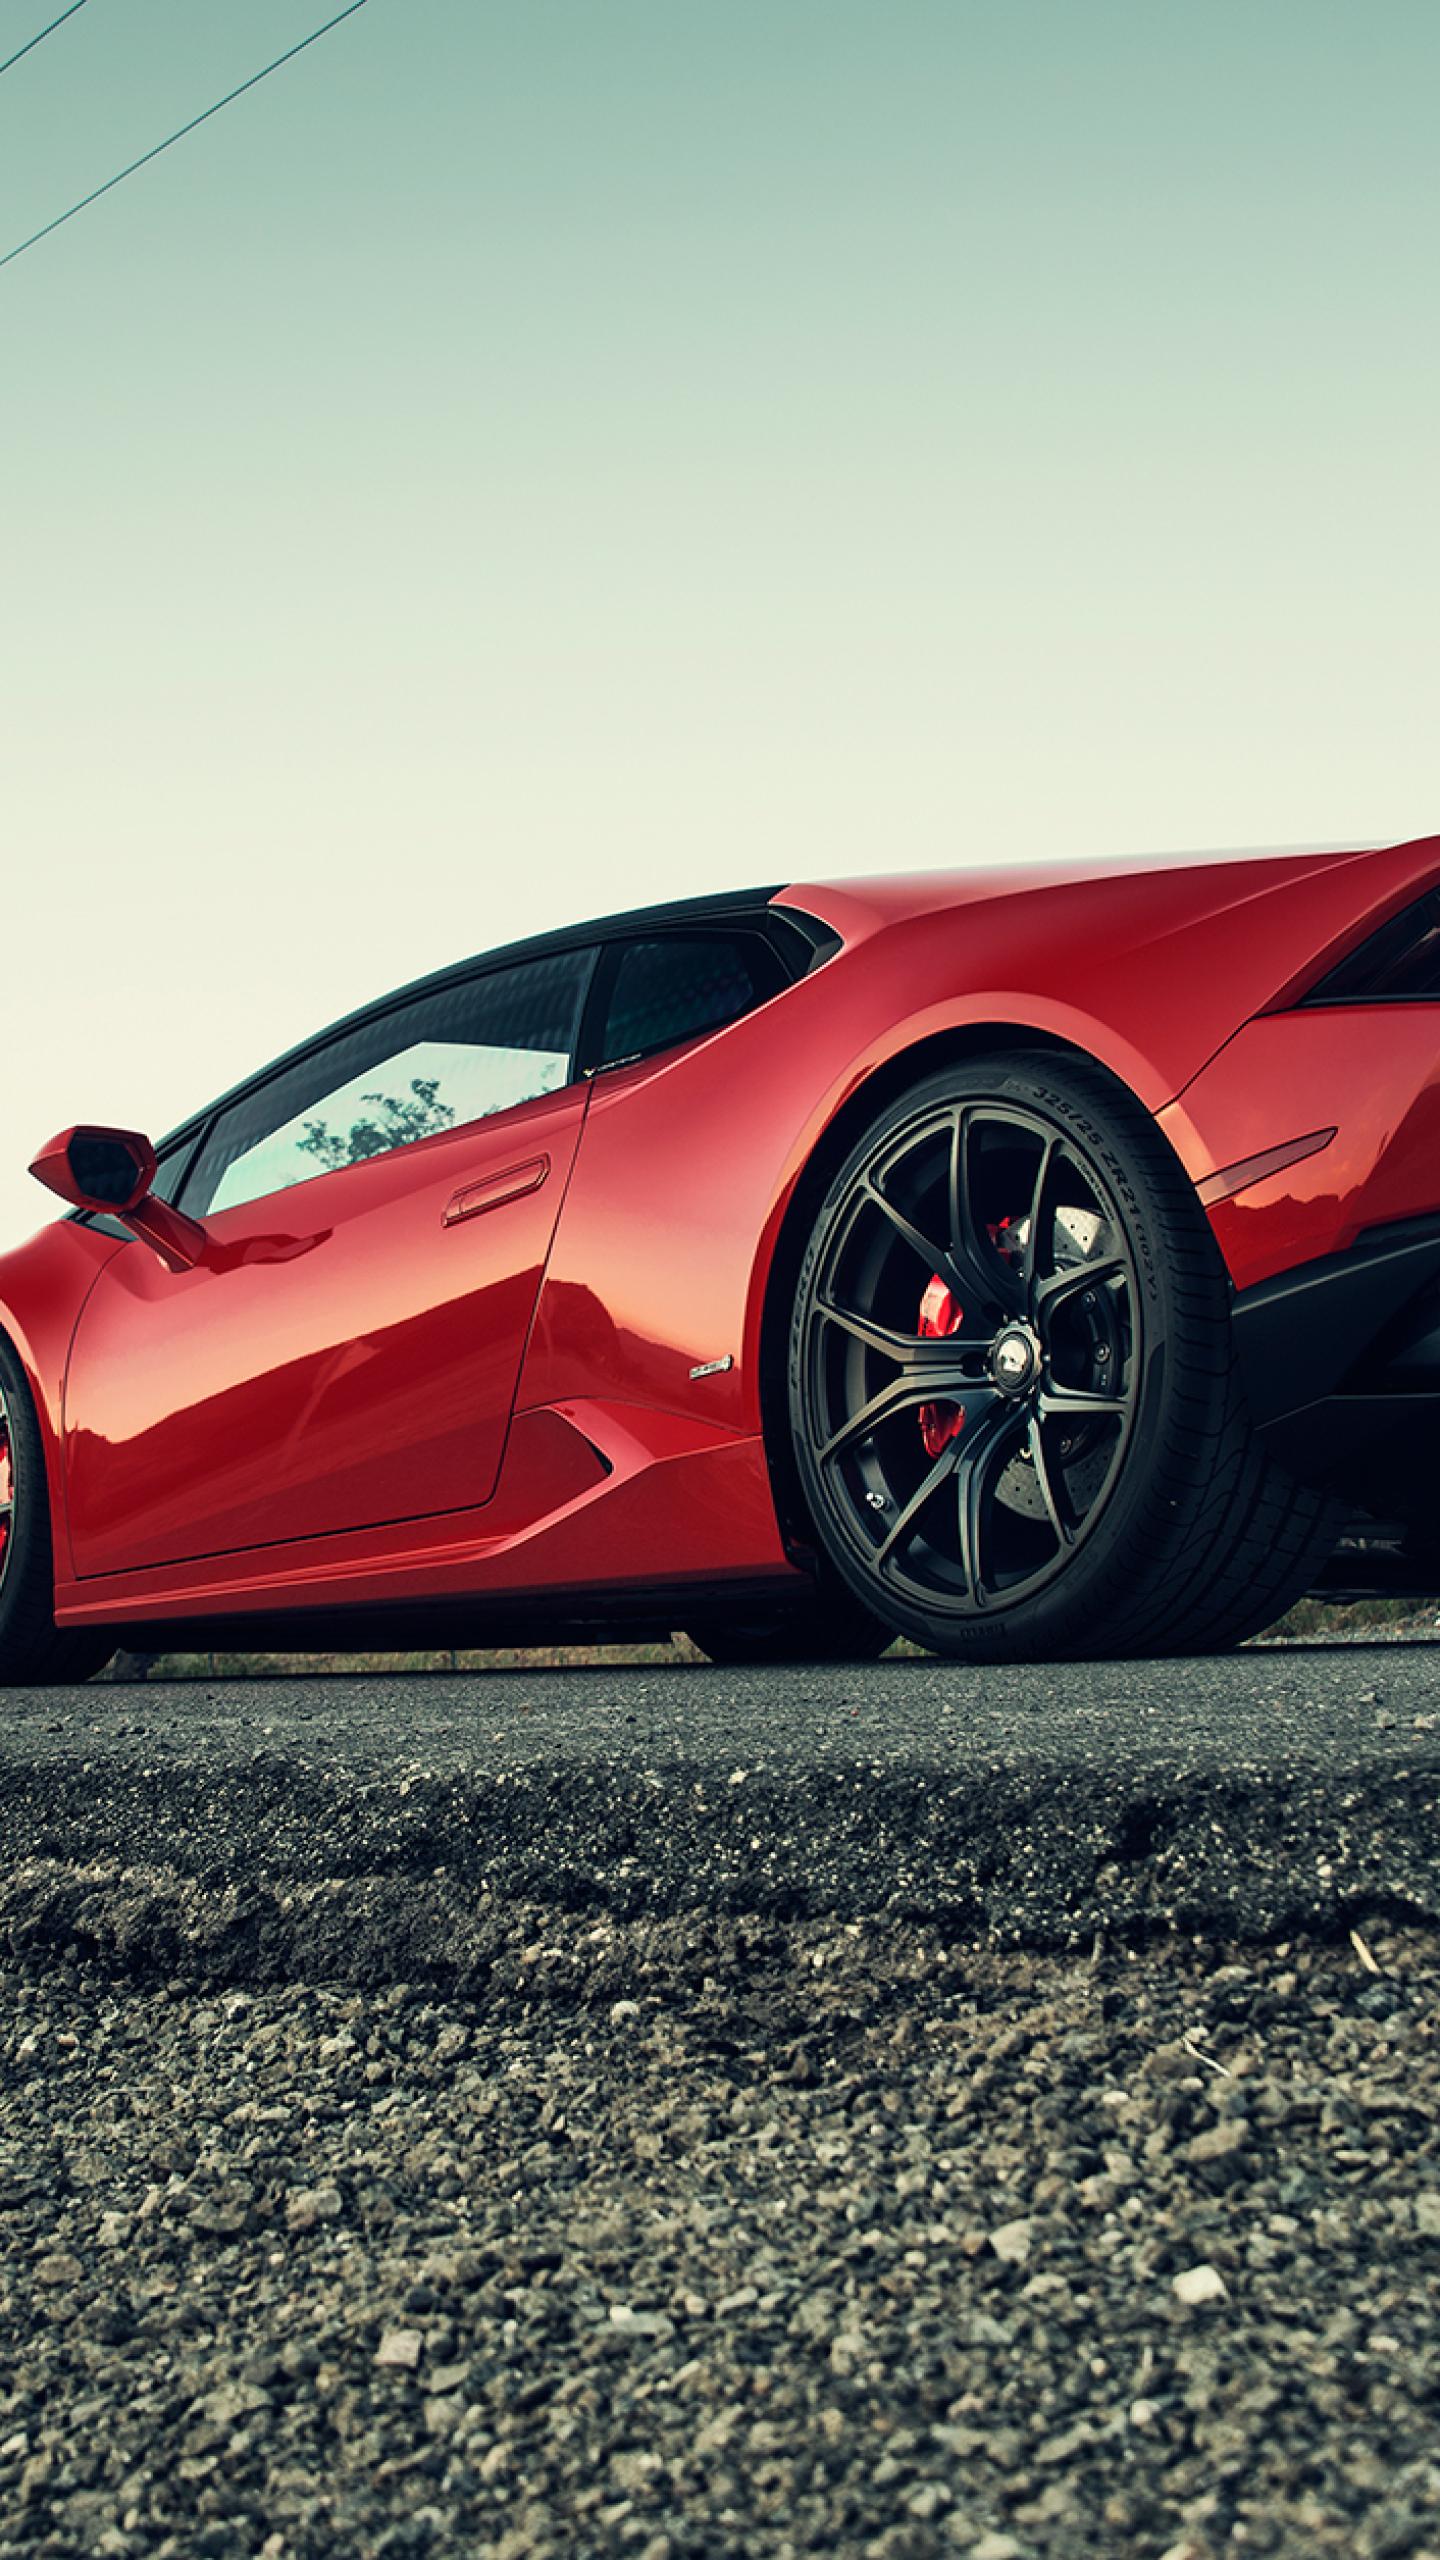 Download Lamborghini Huracan Red 240x400 Rk 2 Rs